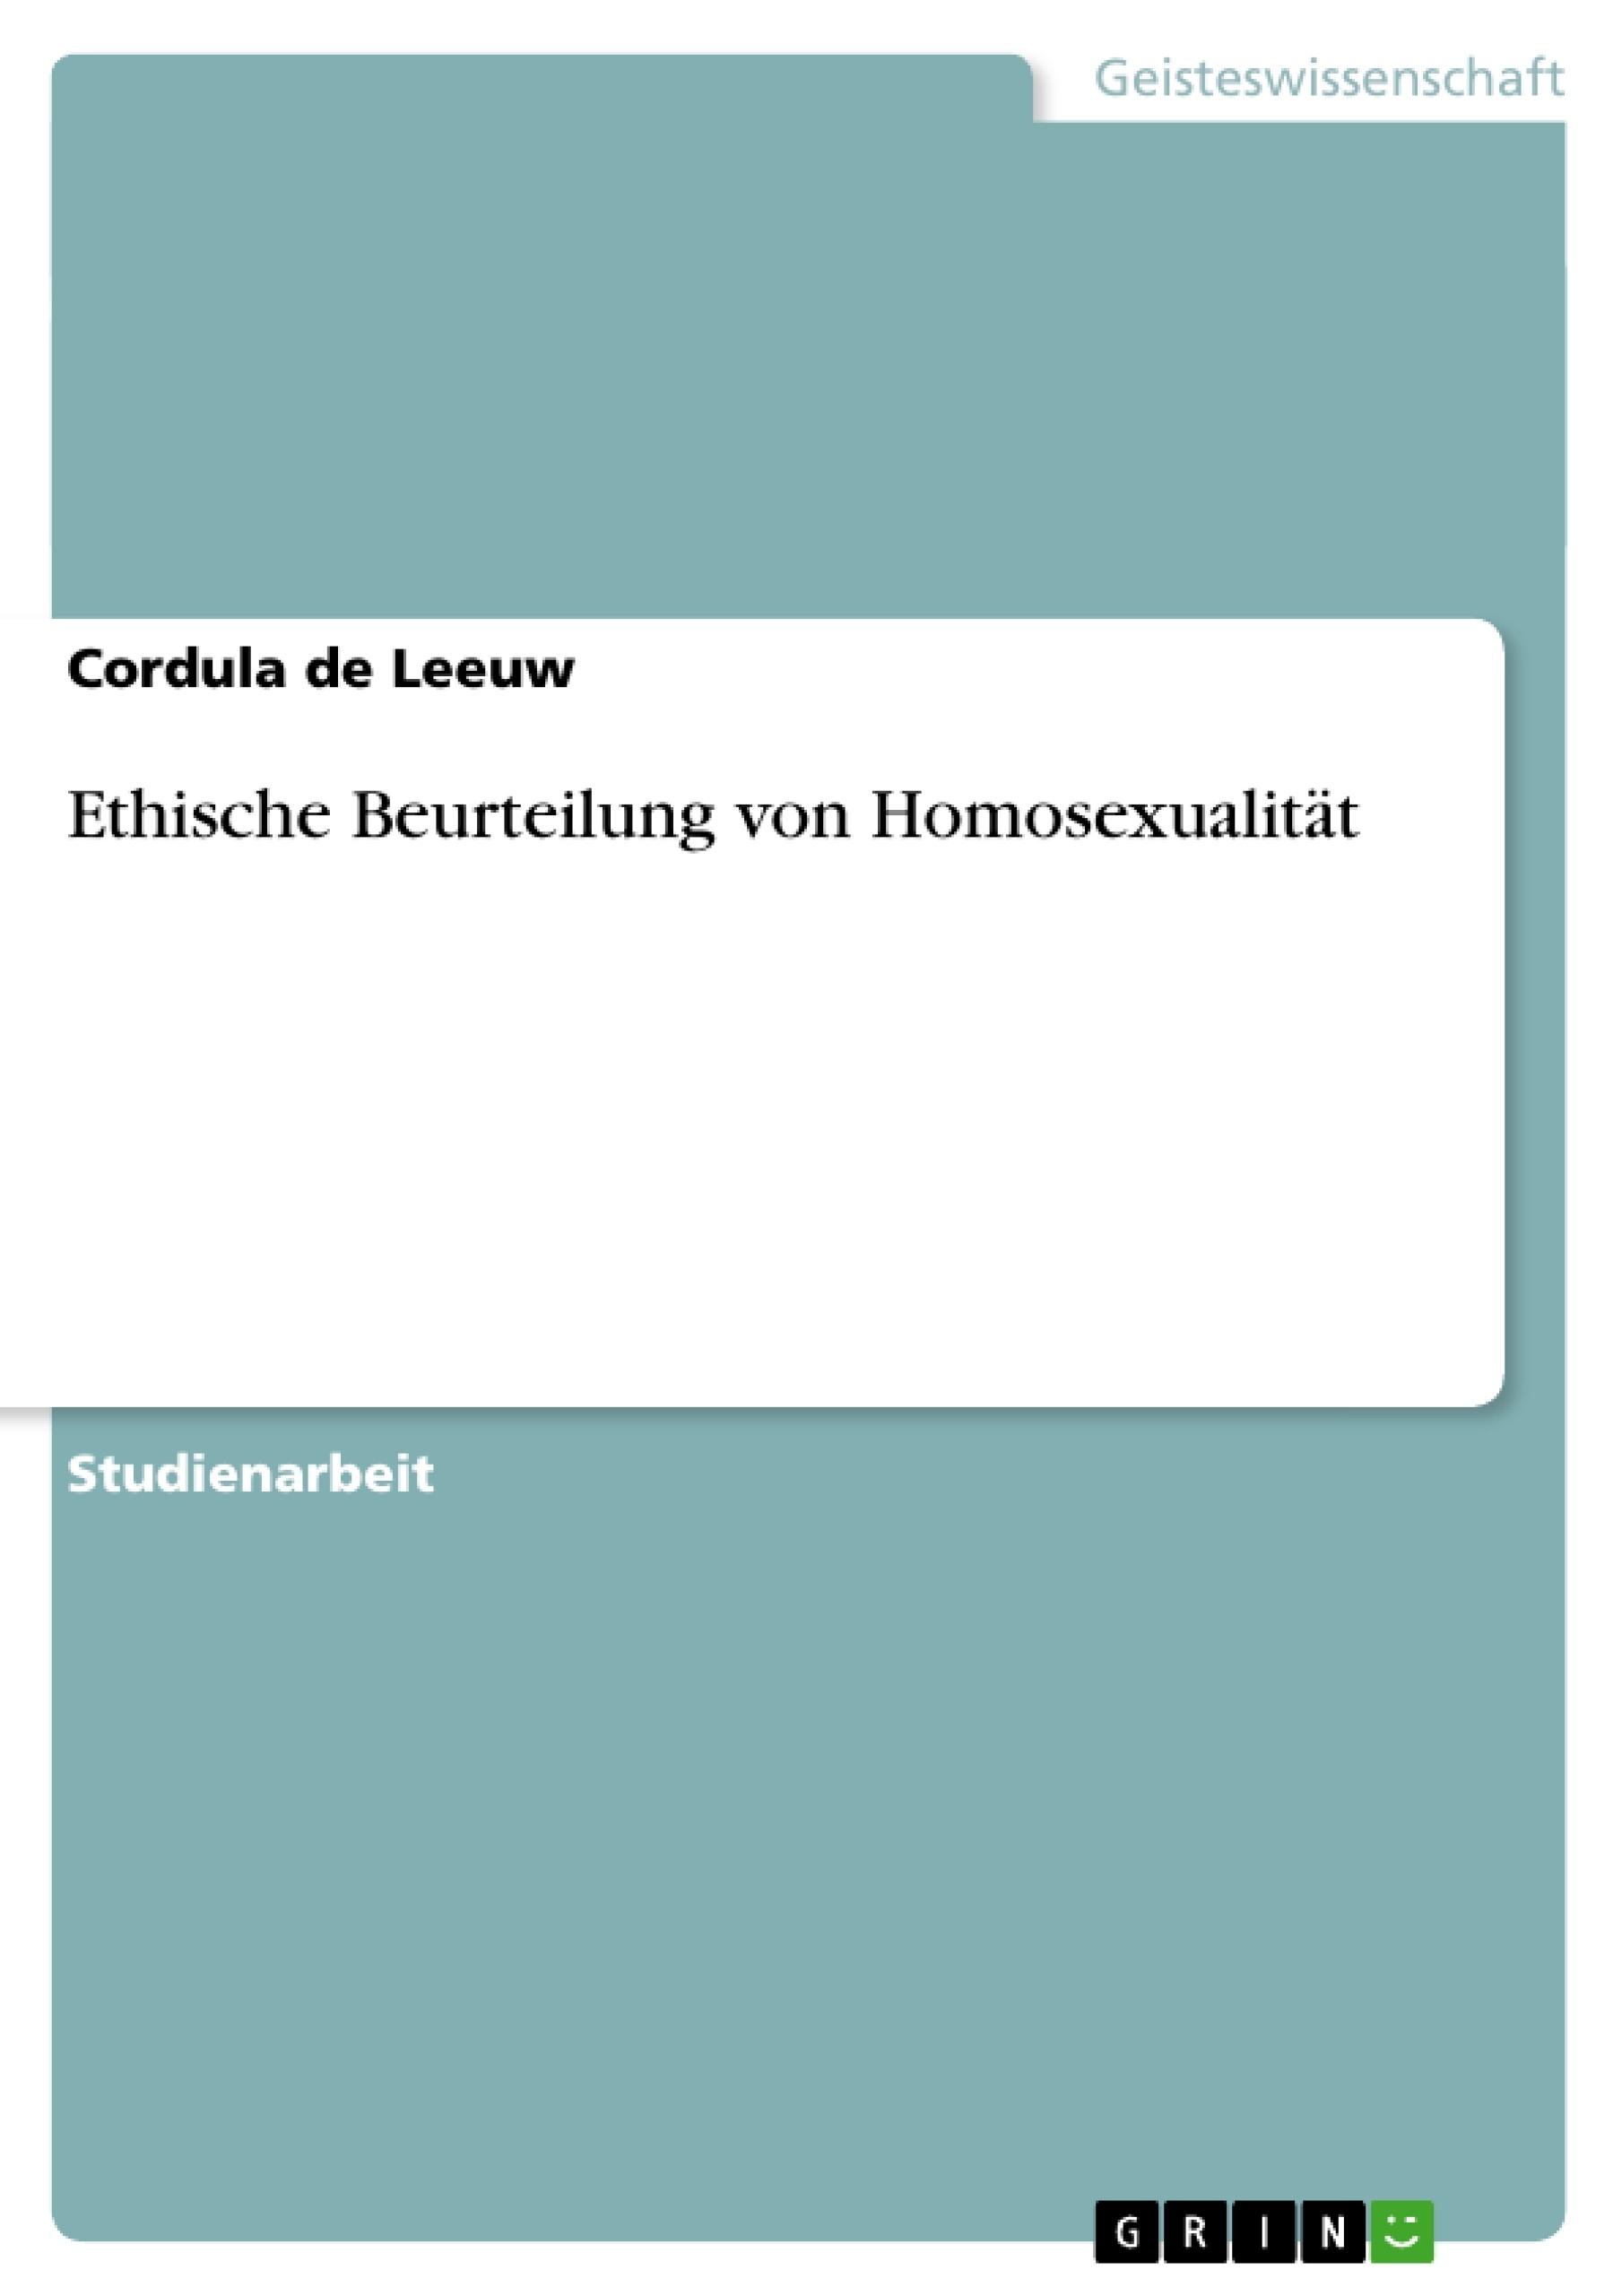 Titel: Ethische Beurteilung von Homosexualität